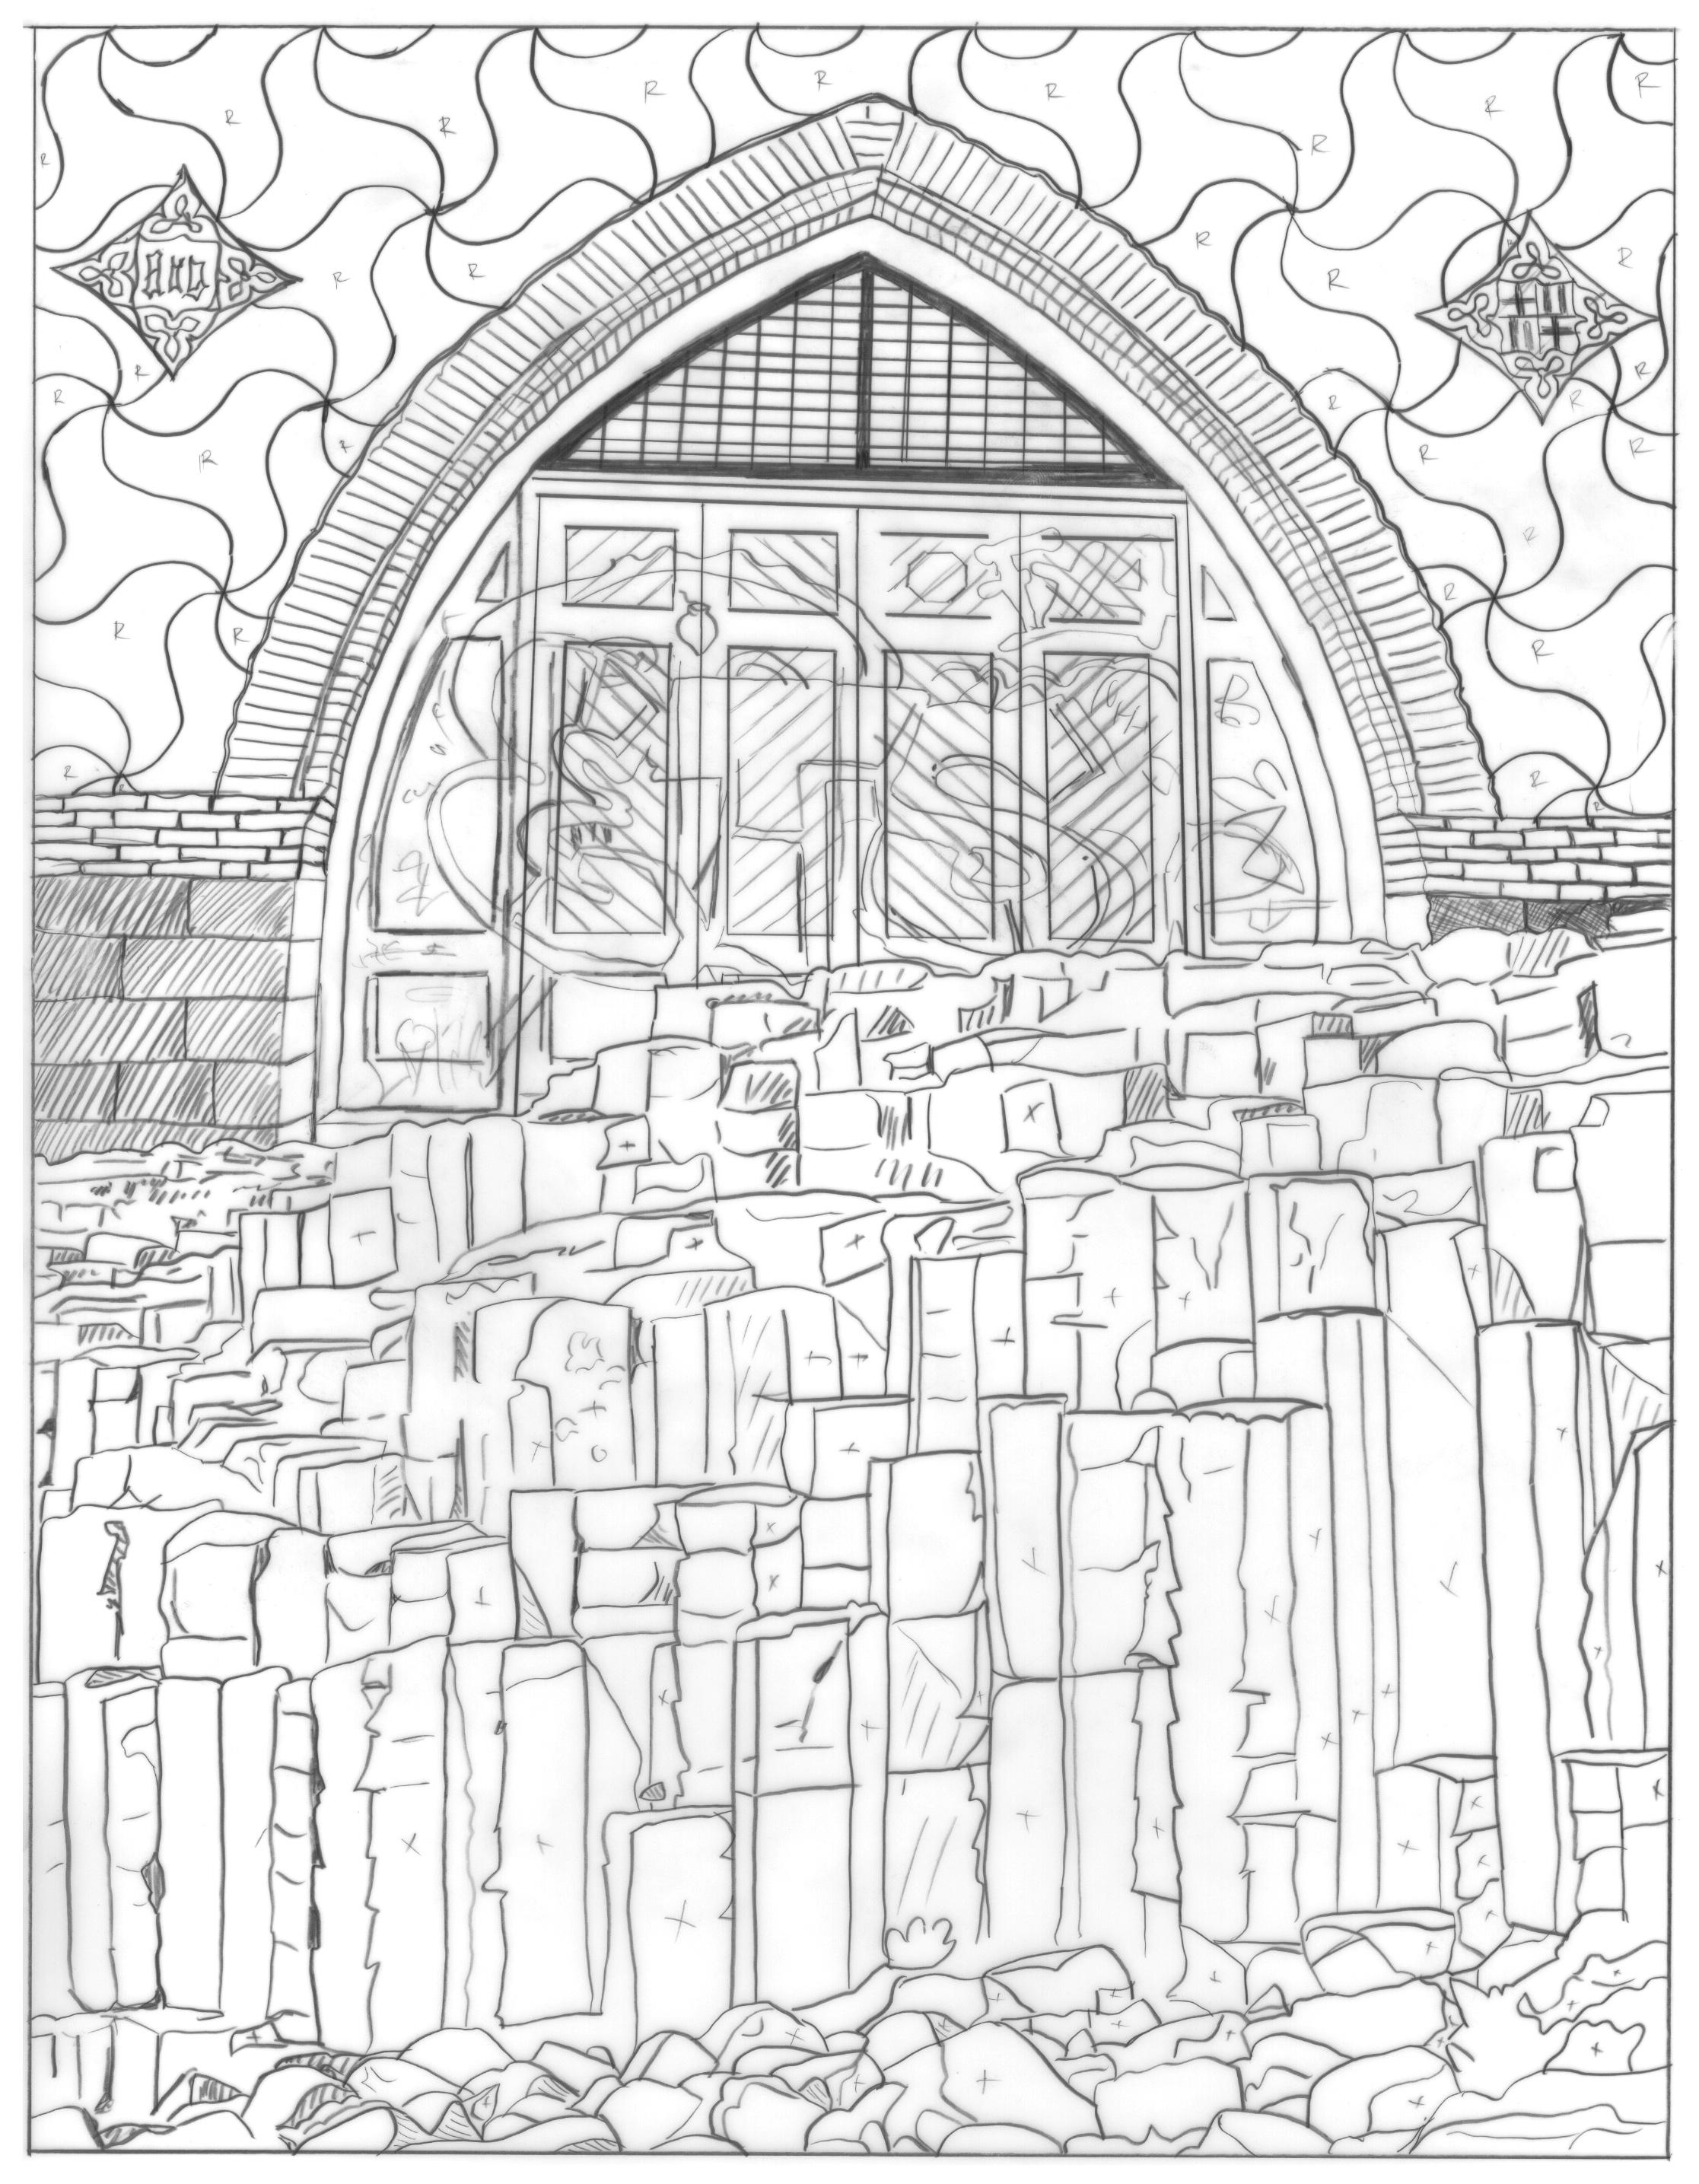 Bricks and Stones May Break (Barcelona/Roman Wall)